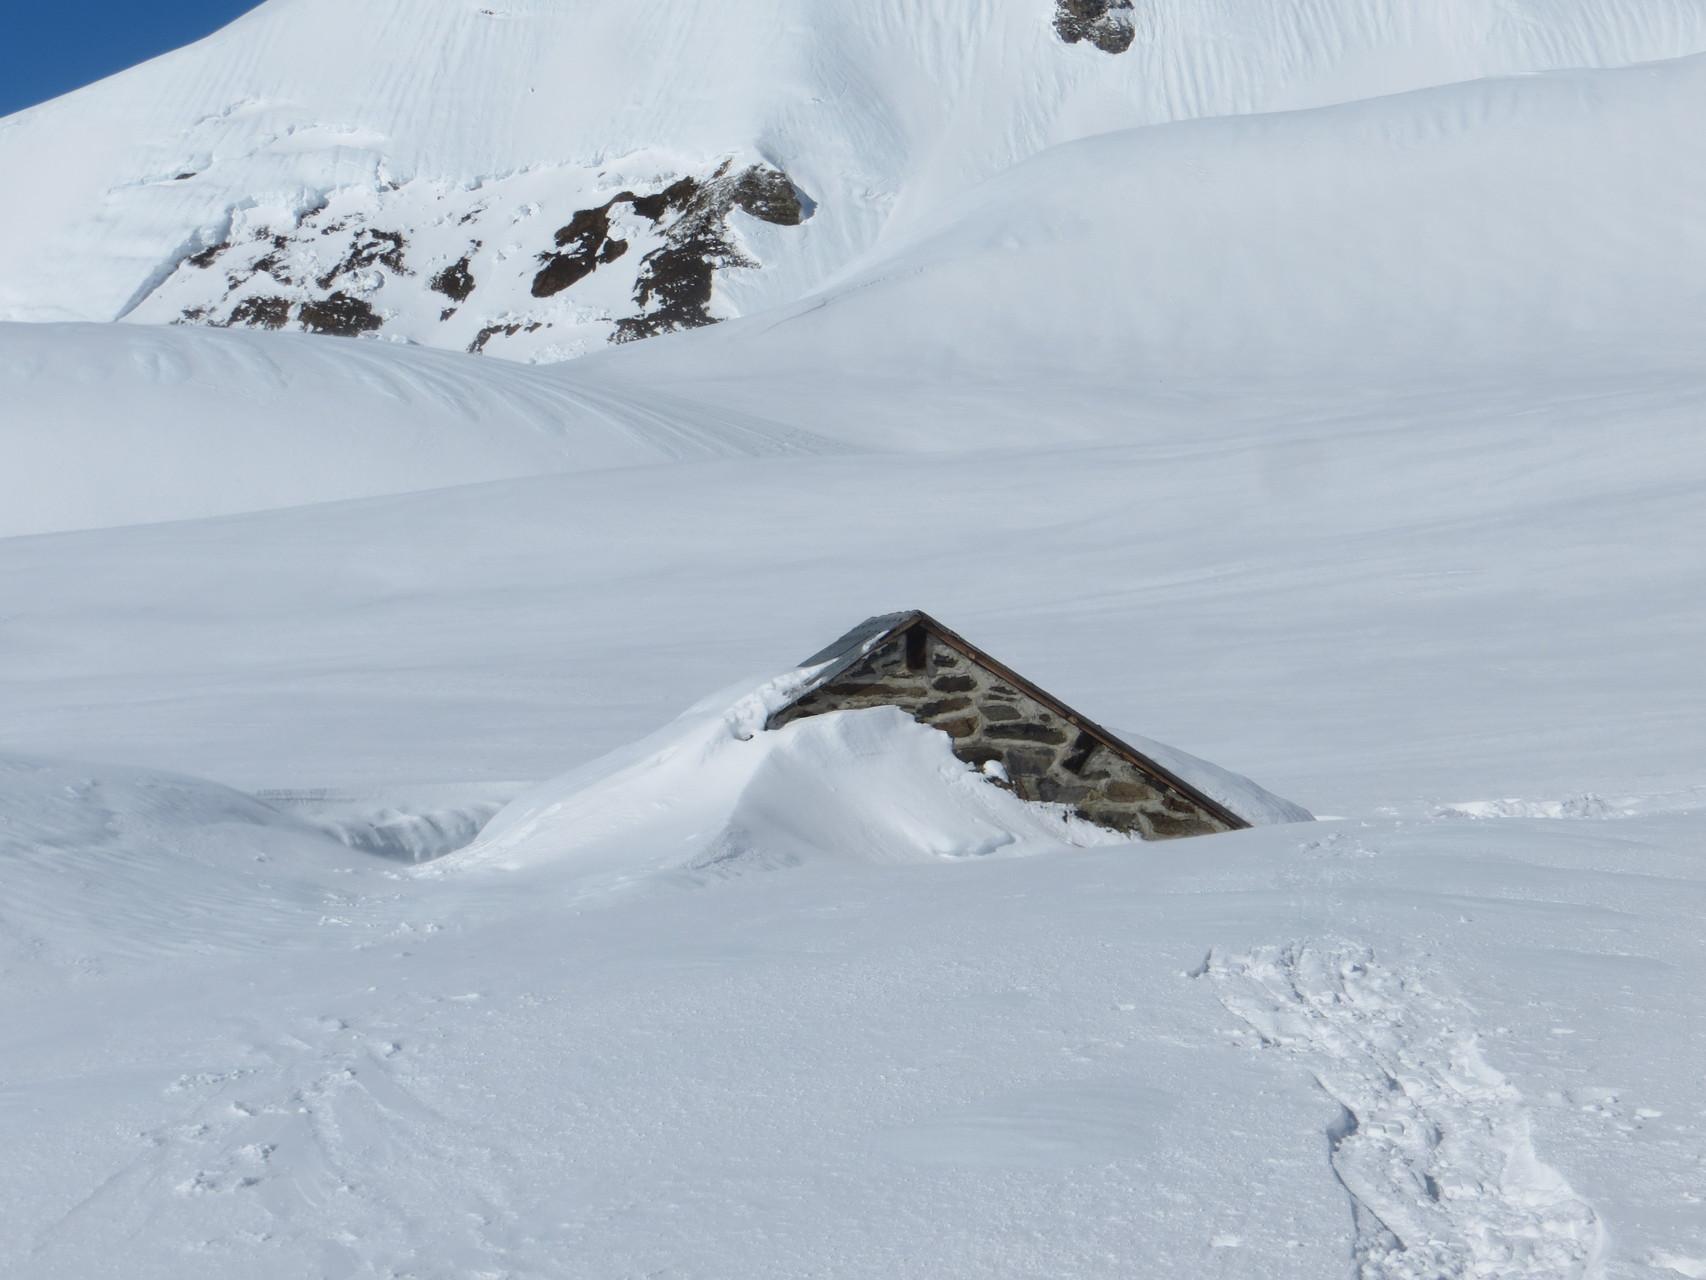 Cabane ensevelie sous la neige